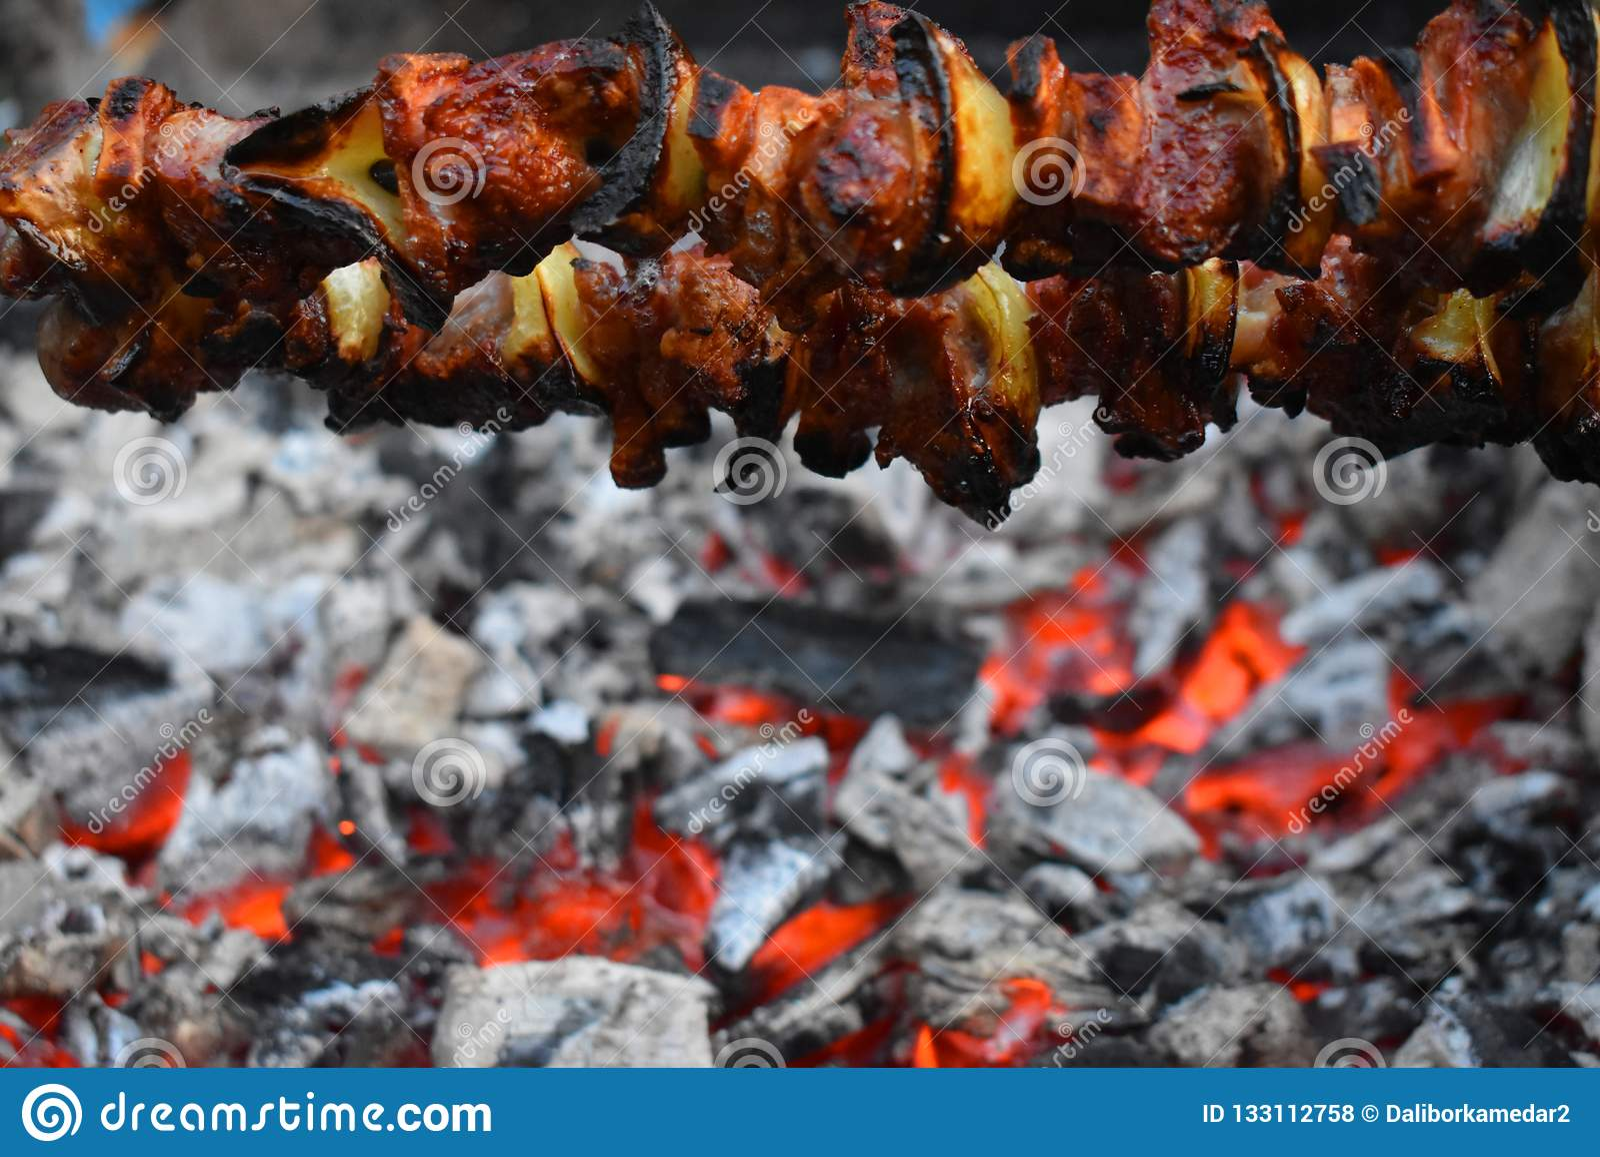 Foto do carvão e da grade quentes barbecue